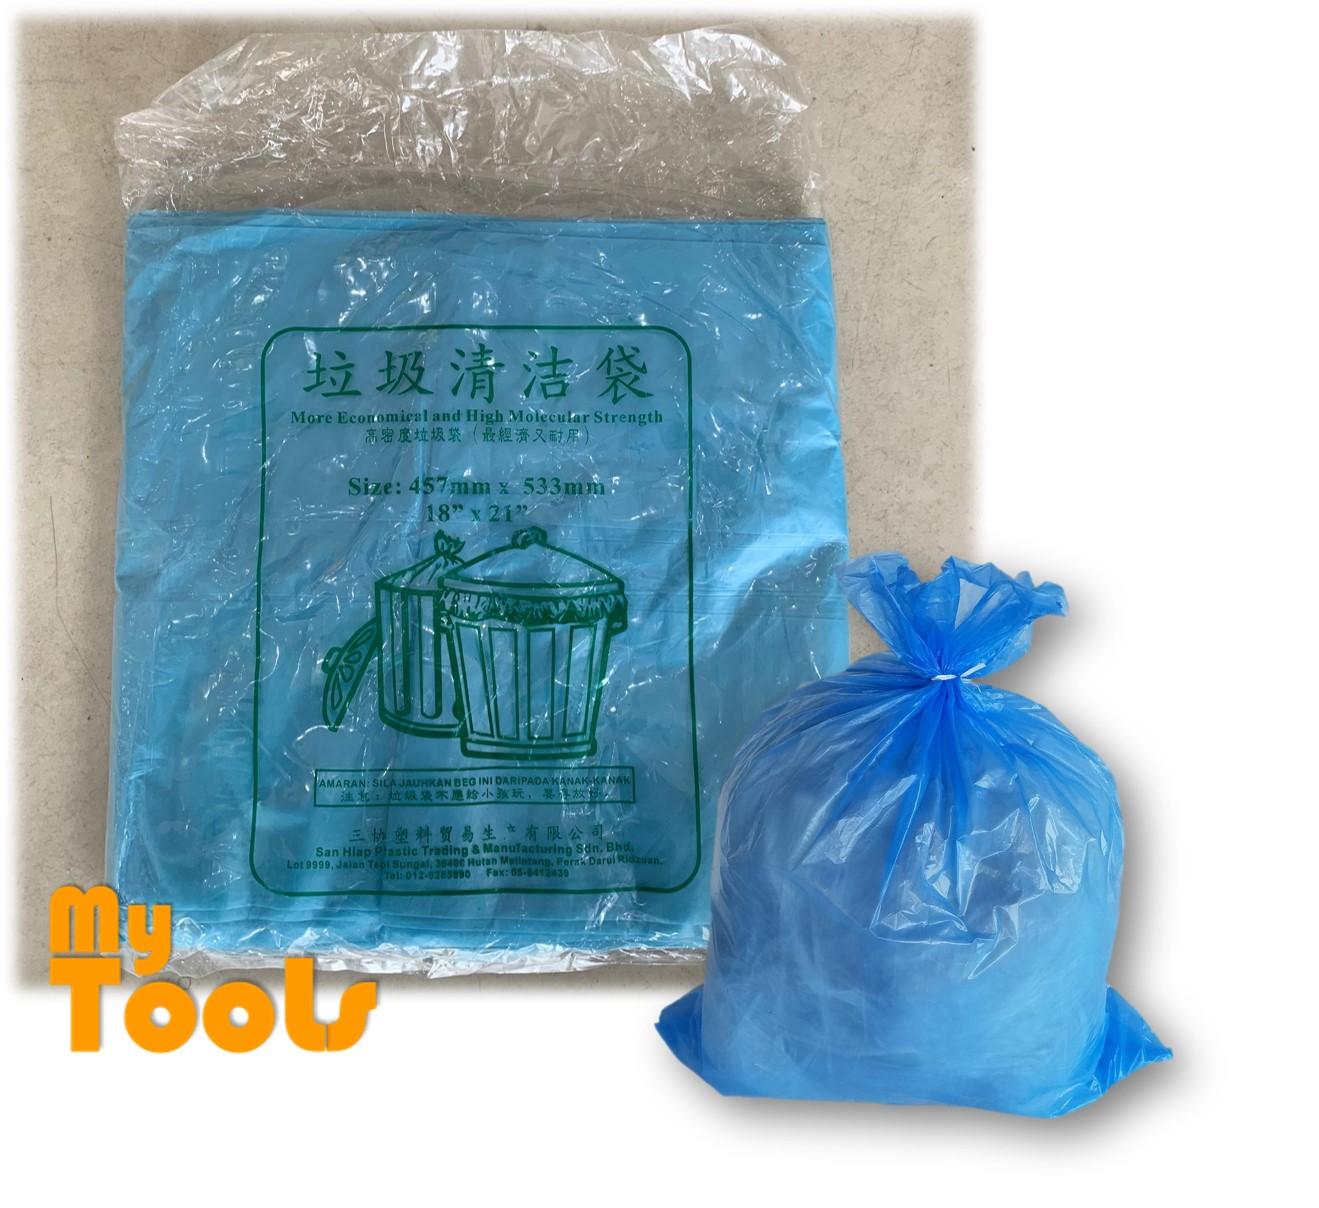 Mytools 30pcs Blue HDPE Garbage Bag / Rubbish Bag / Beg Sampah 47cmX54cm Small